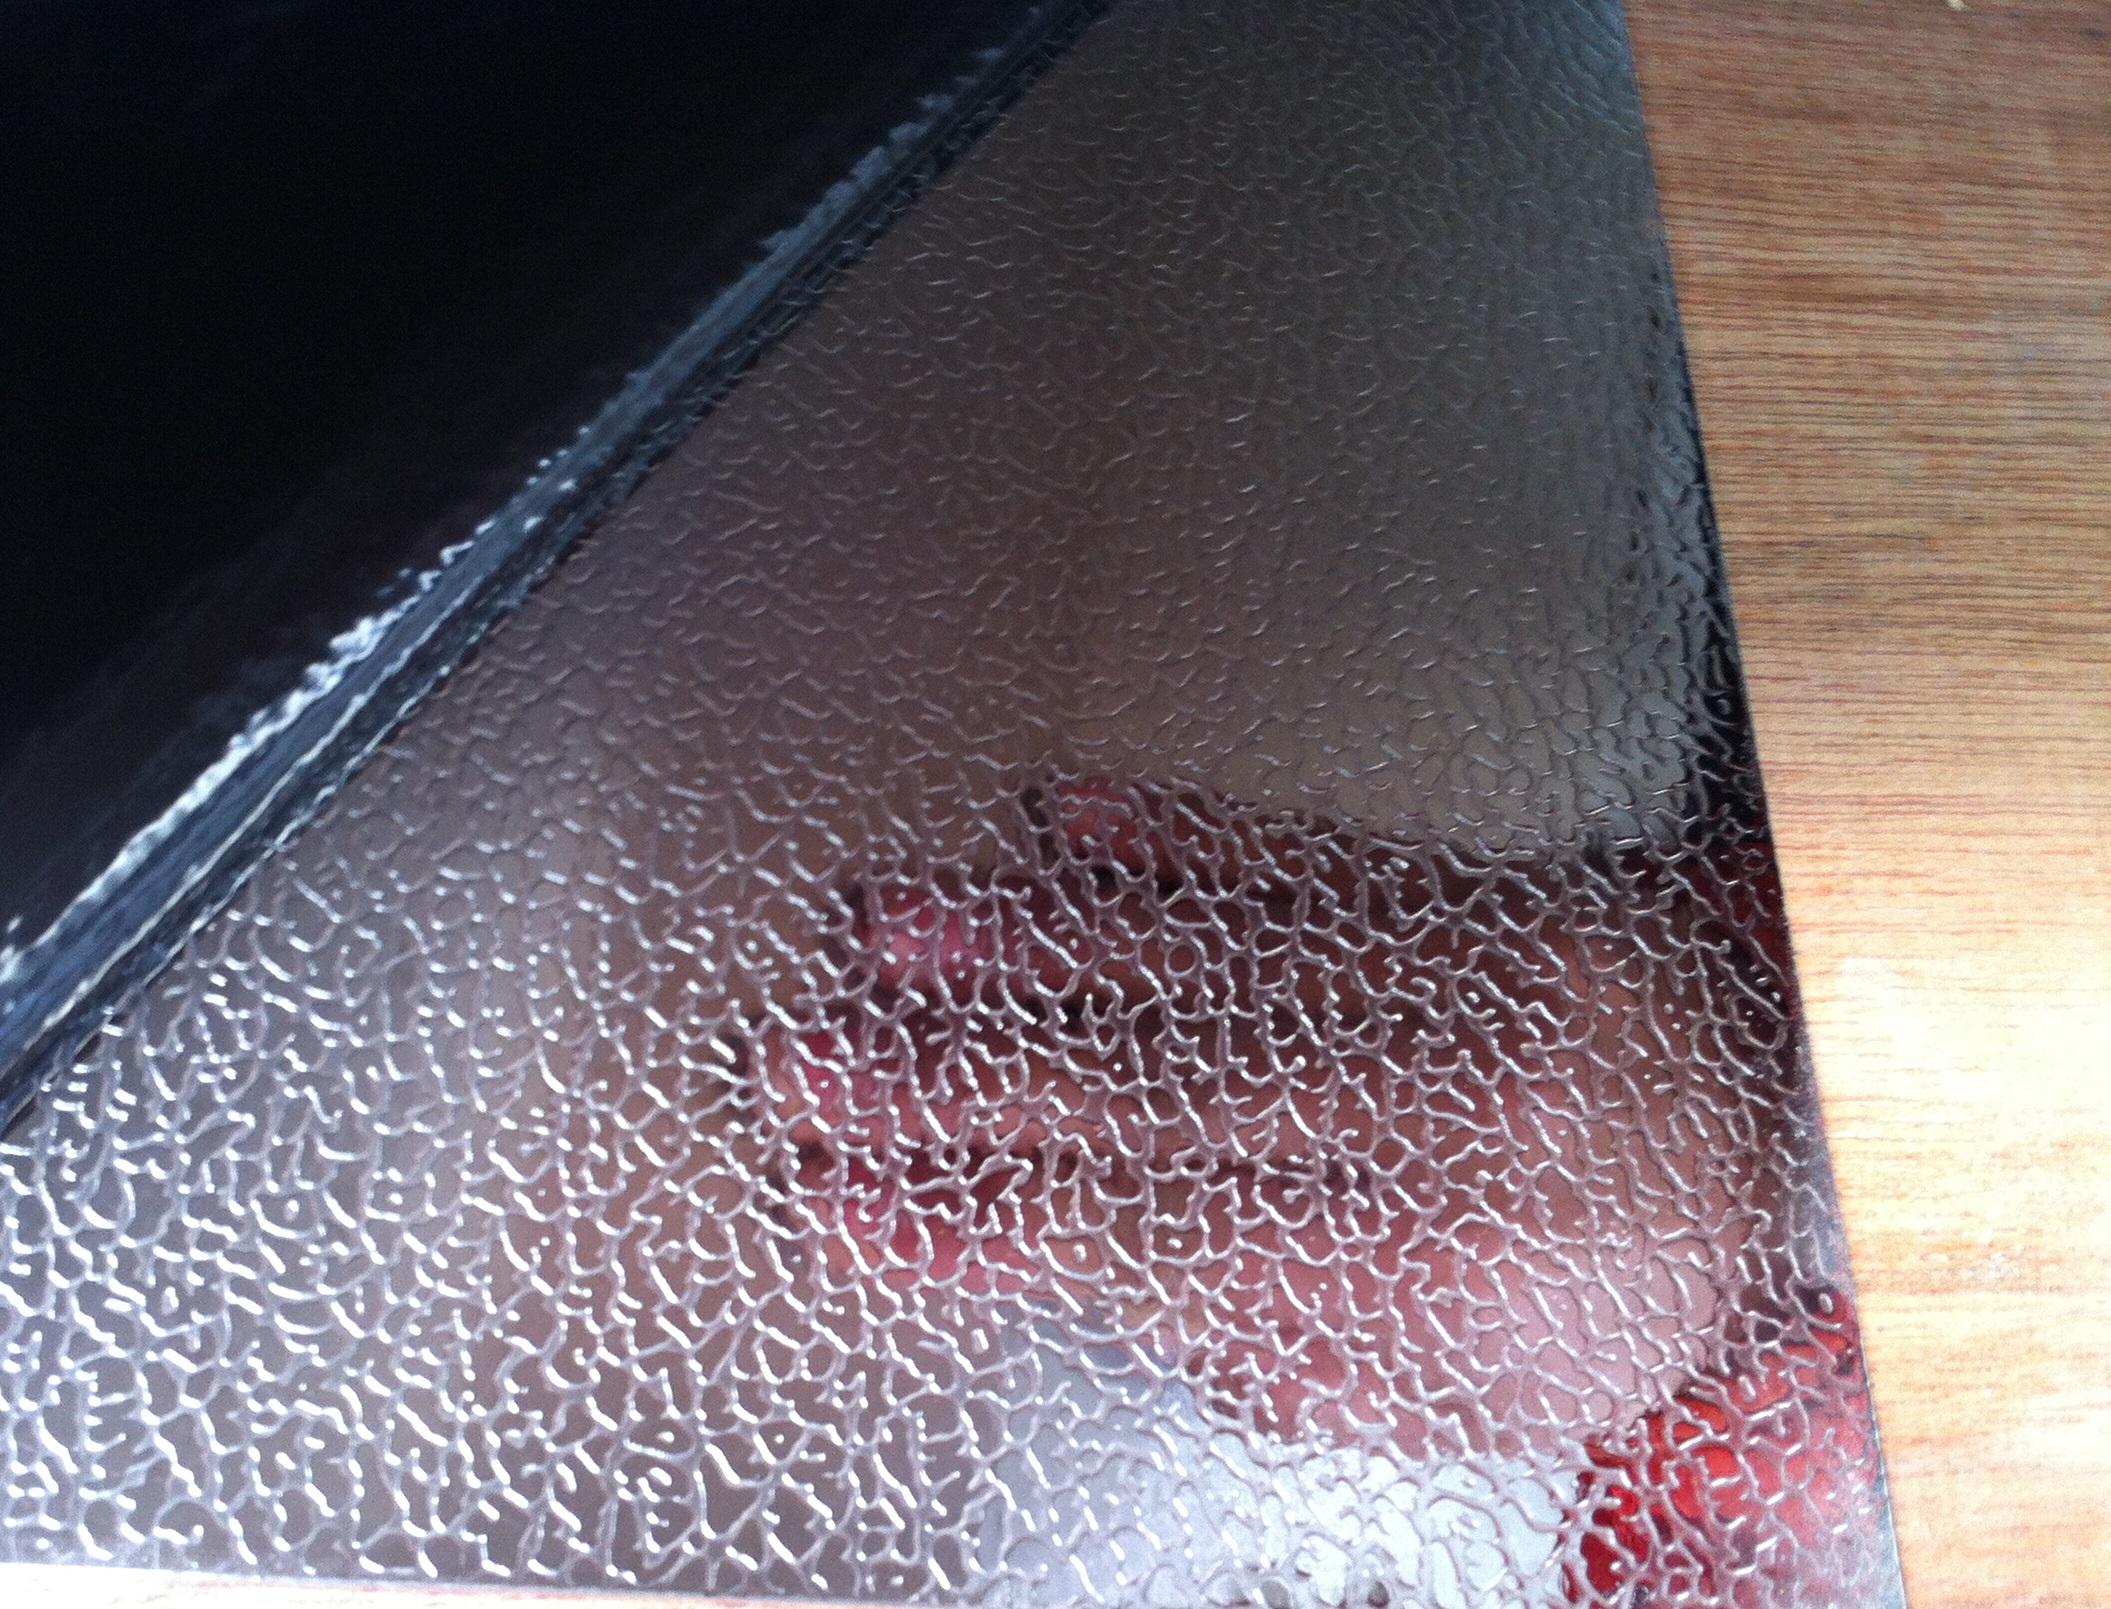 Elephant Skin Embossed Finish Sheet